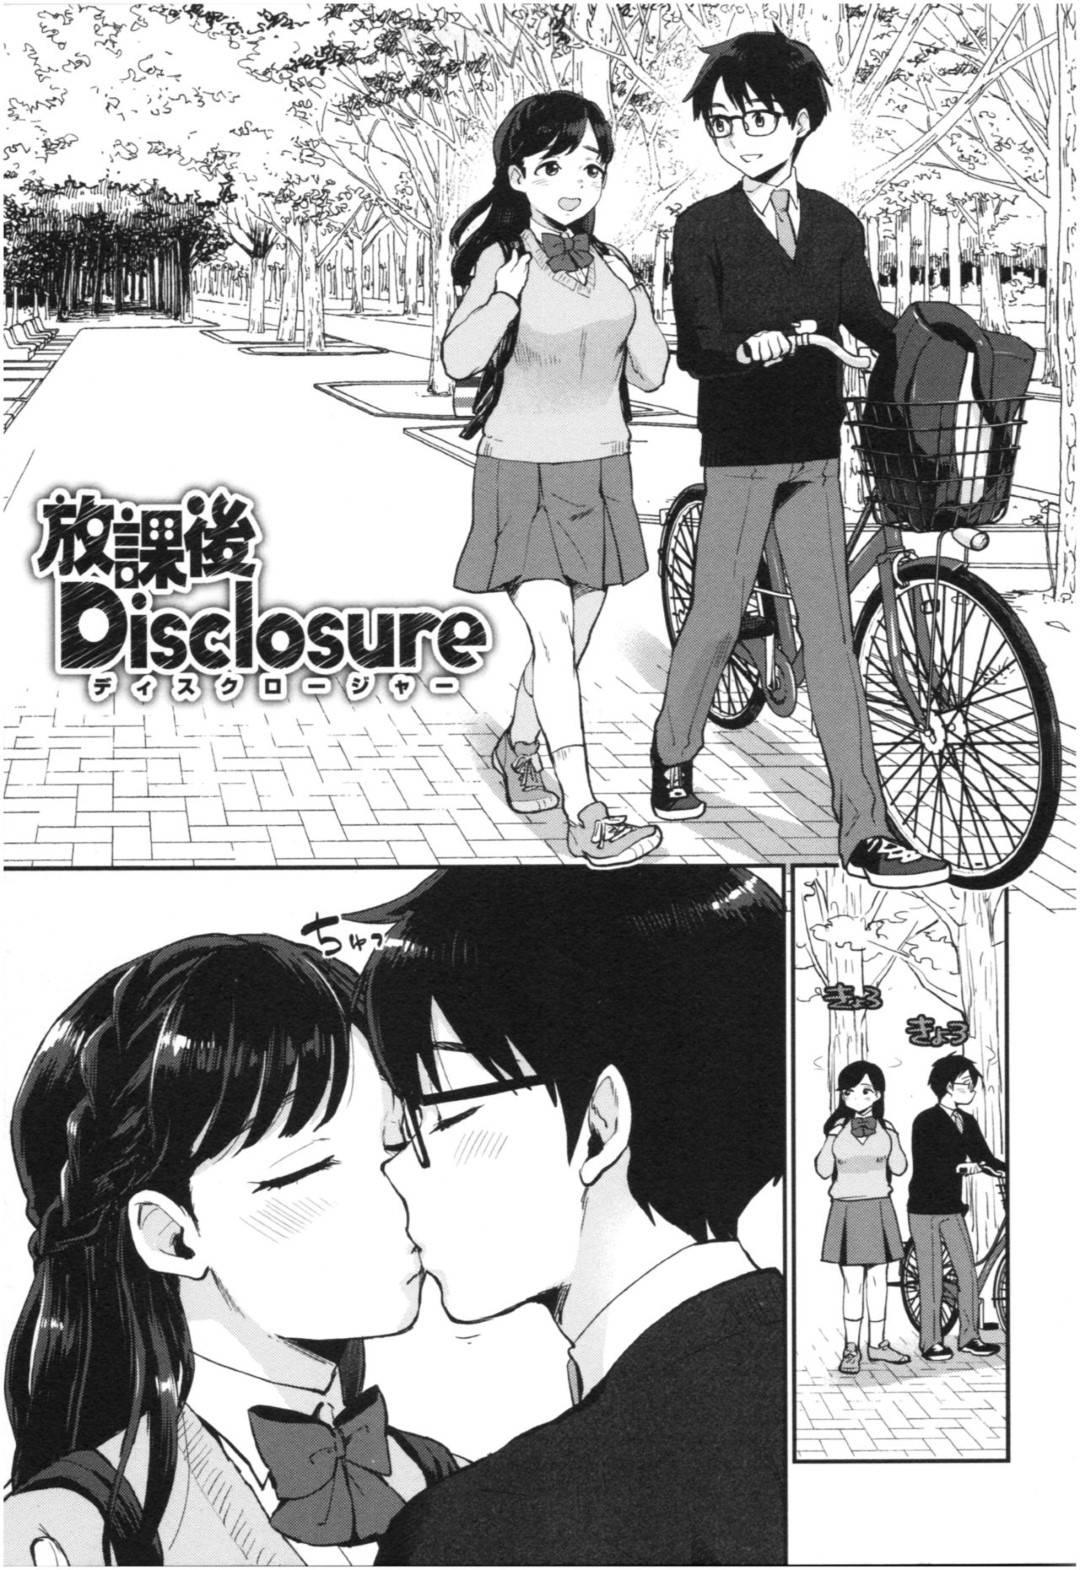 【イチャラブエロ漫画】彼氏とセックスした過ぎて毎日のようにオナニーに更ける清楚系JK。ある日、両親が出張で家に不在なった彼女は彼氏を部屋へと連れ込みセックスを迫る。【馬鈴薯】